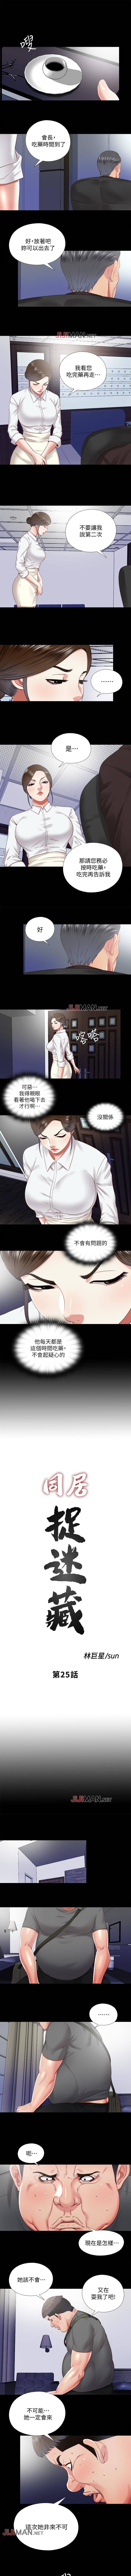 【已完结】同居捉迷藏(作者:林巨星) 第1~30话 99